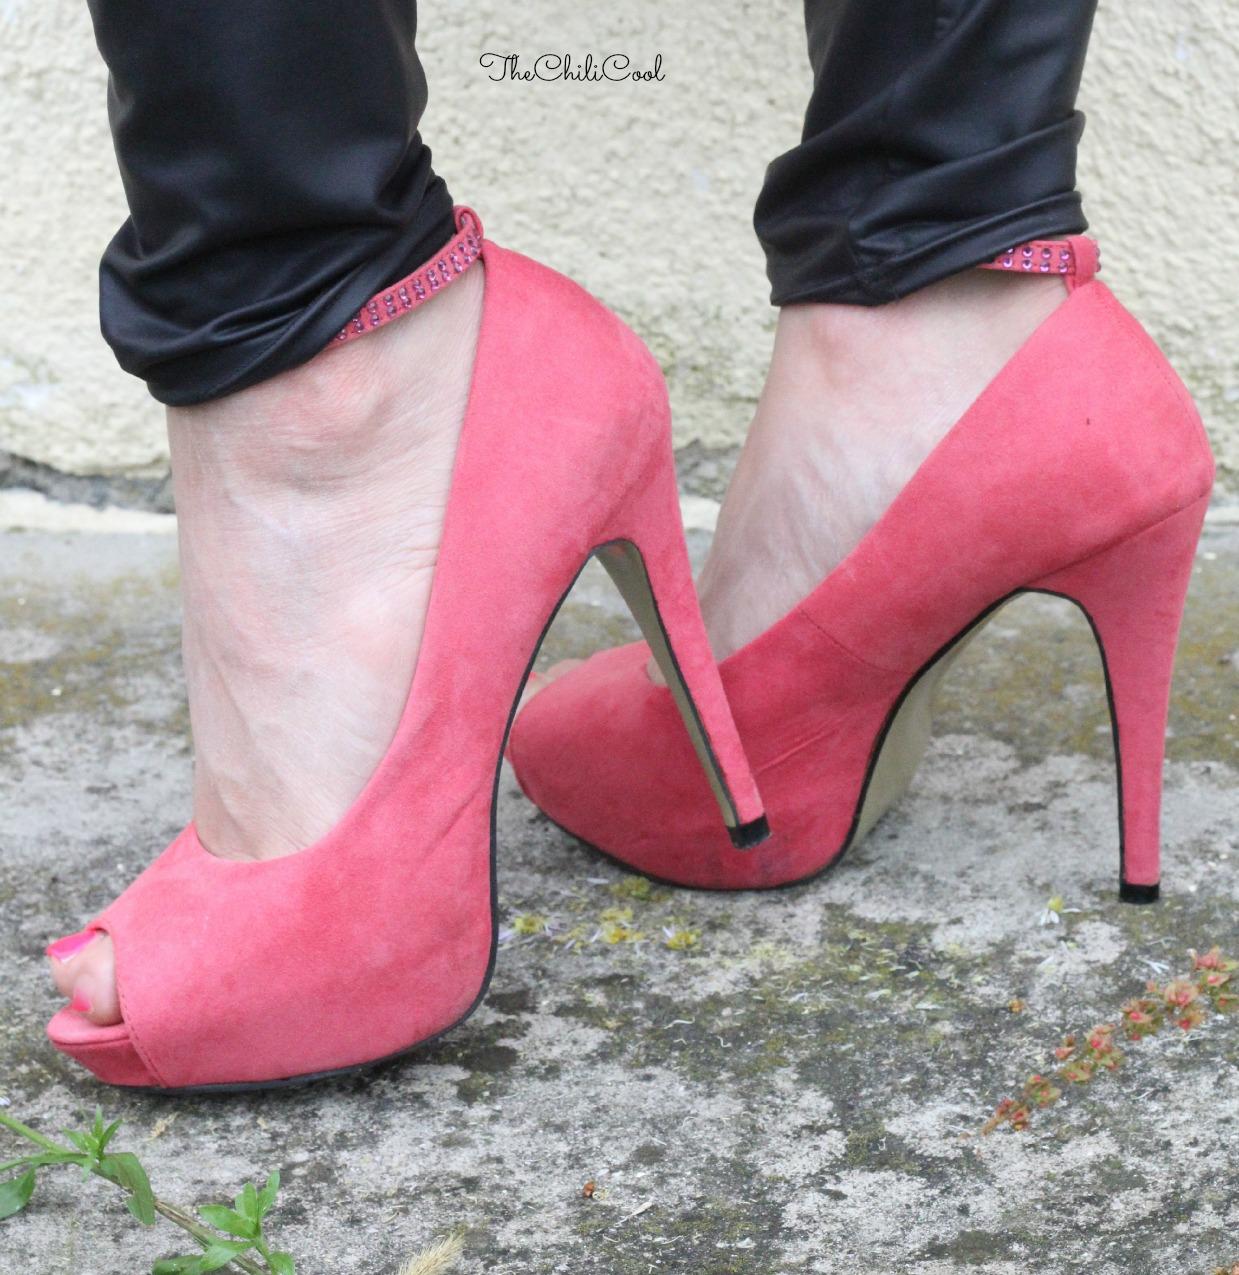 alessia milanese, thechilicool, fashion blog, fashion blogger, shop in london e commerce , summer mode progetto solidale ospedale di cagliari, del nero e degli altri colori